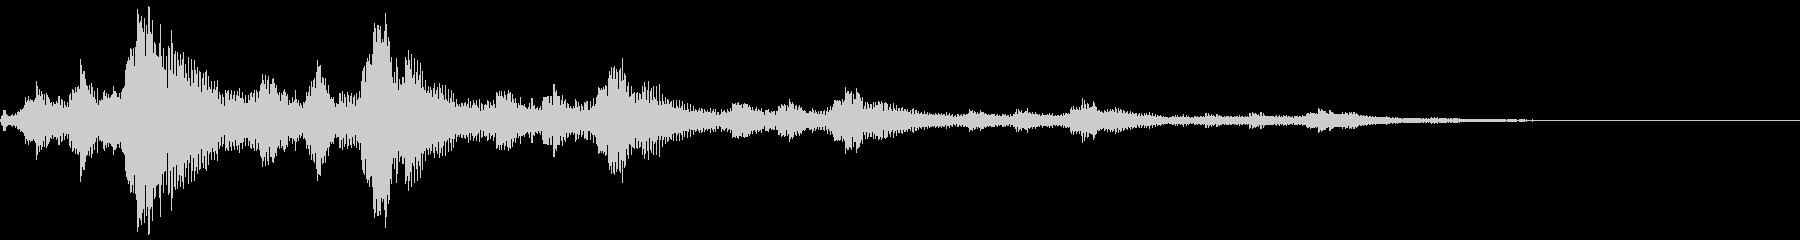 【シネマティックSFX】パルス音_01の未再生の波形